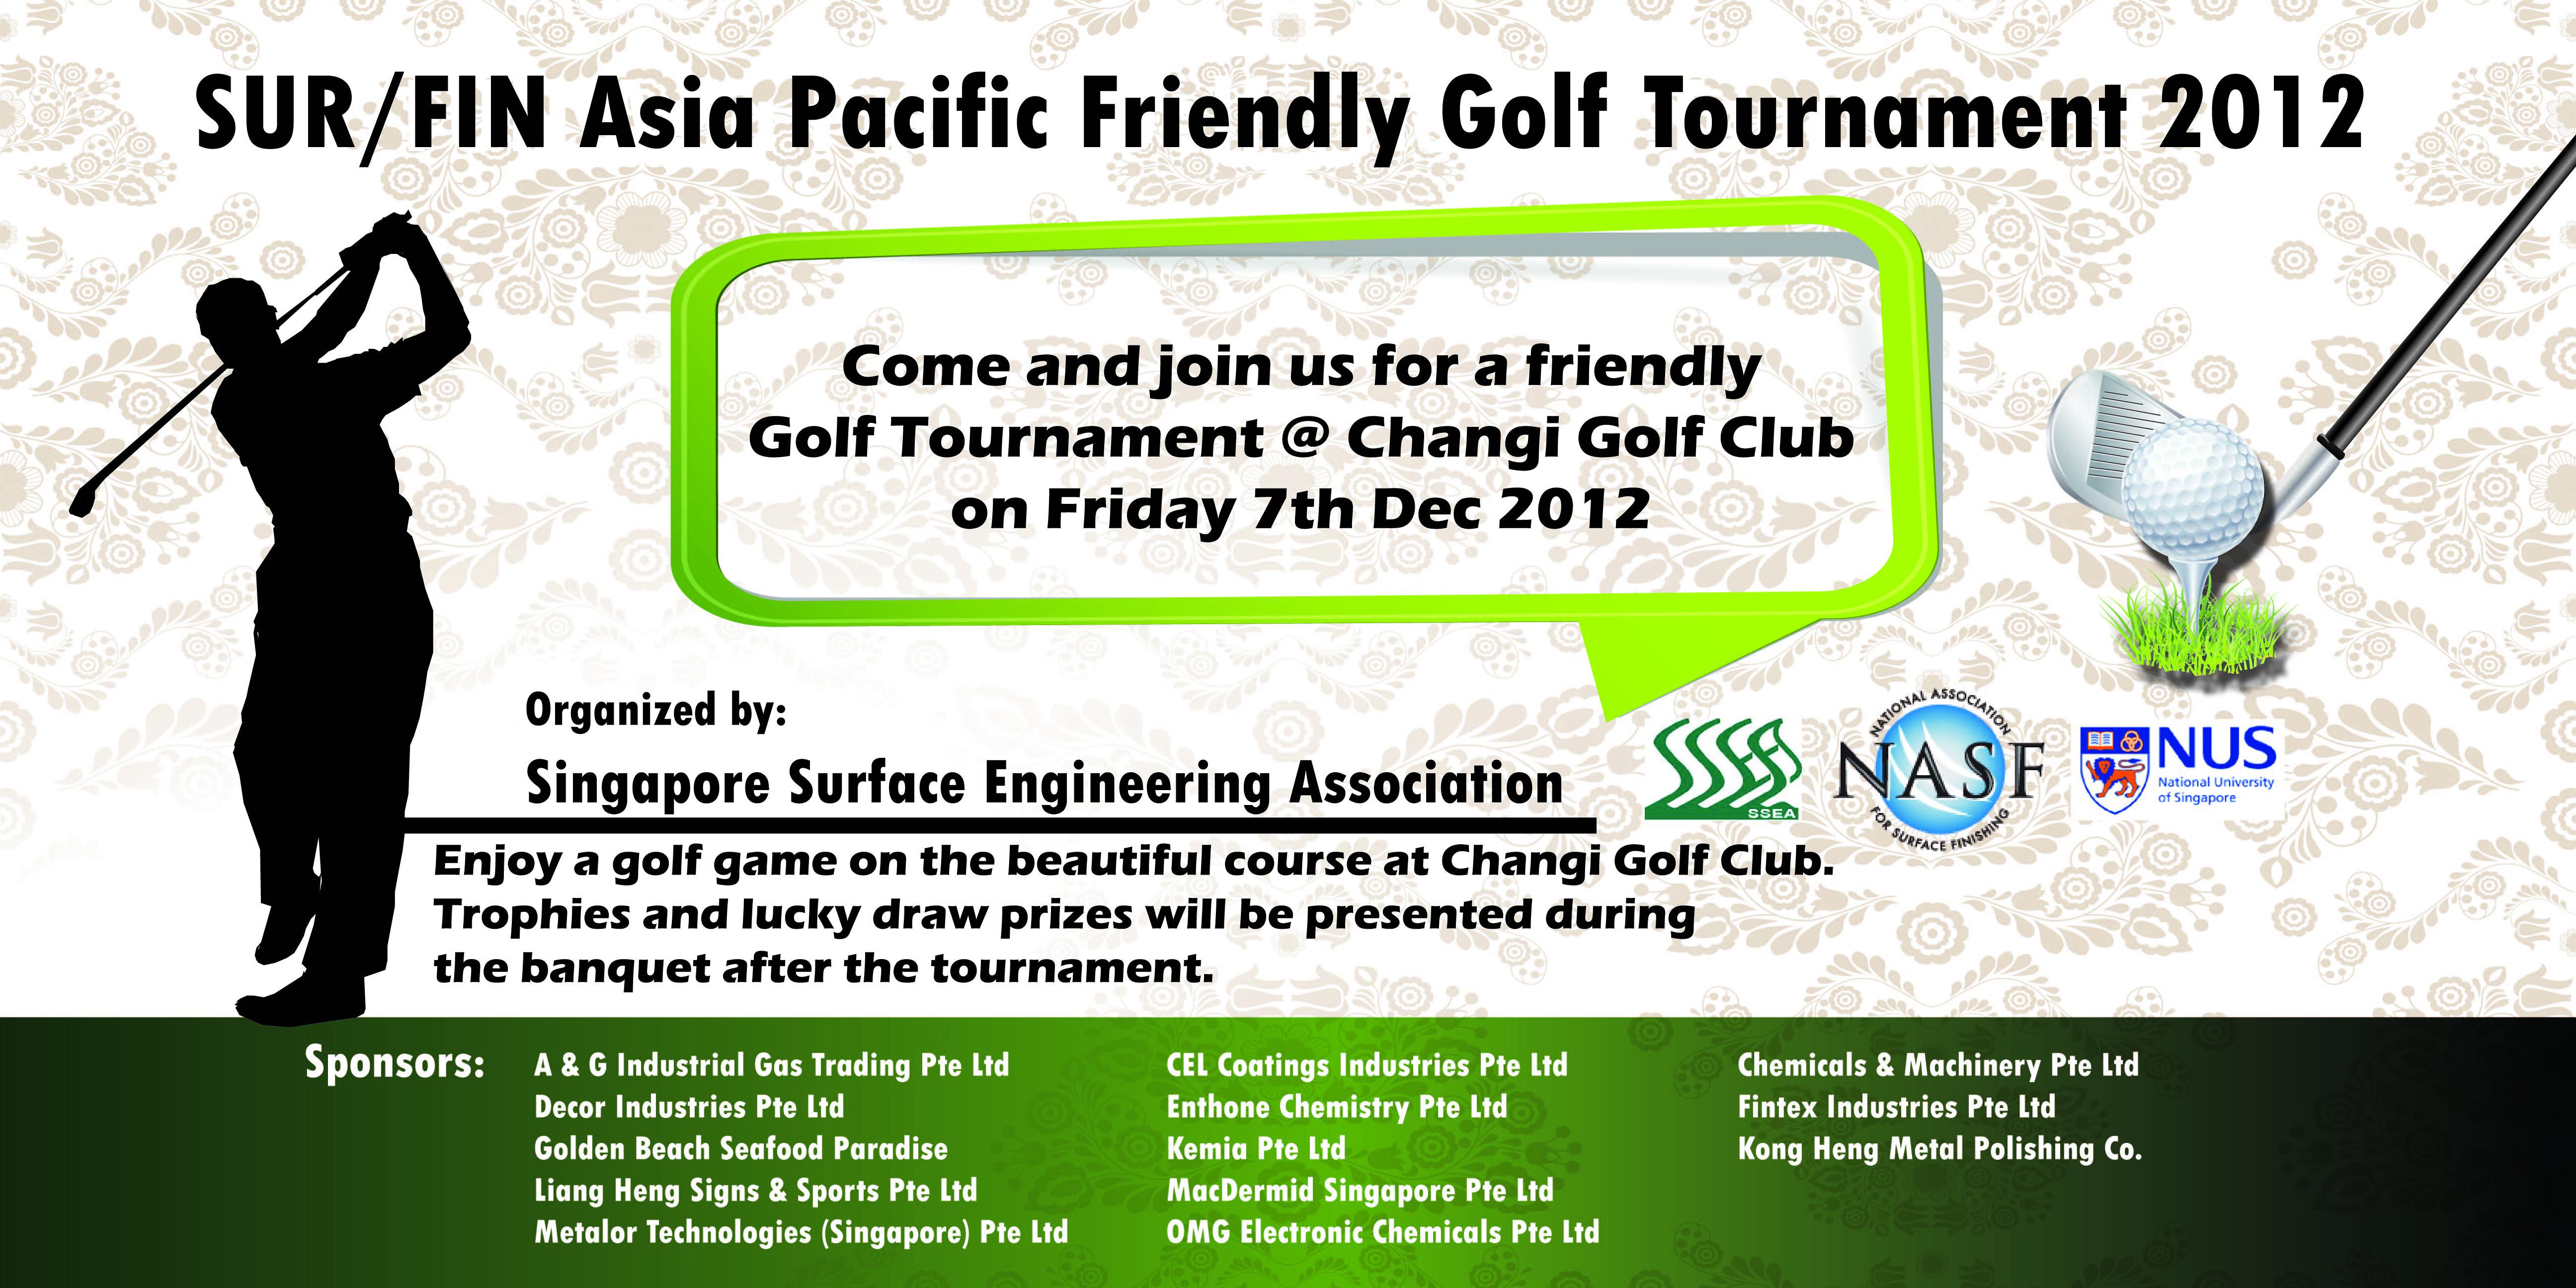 Golf Friendly Tournament 6x3ft banner